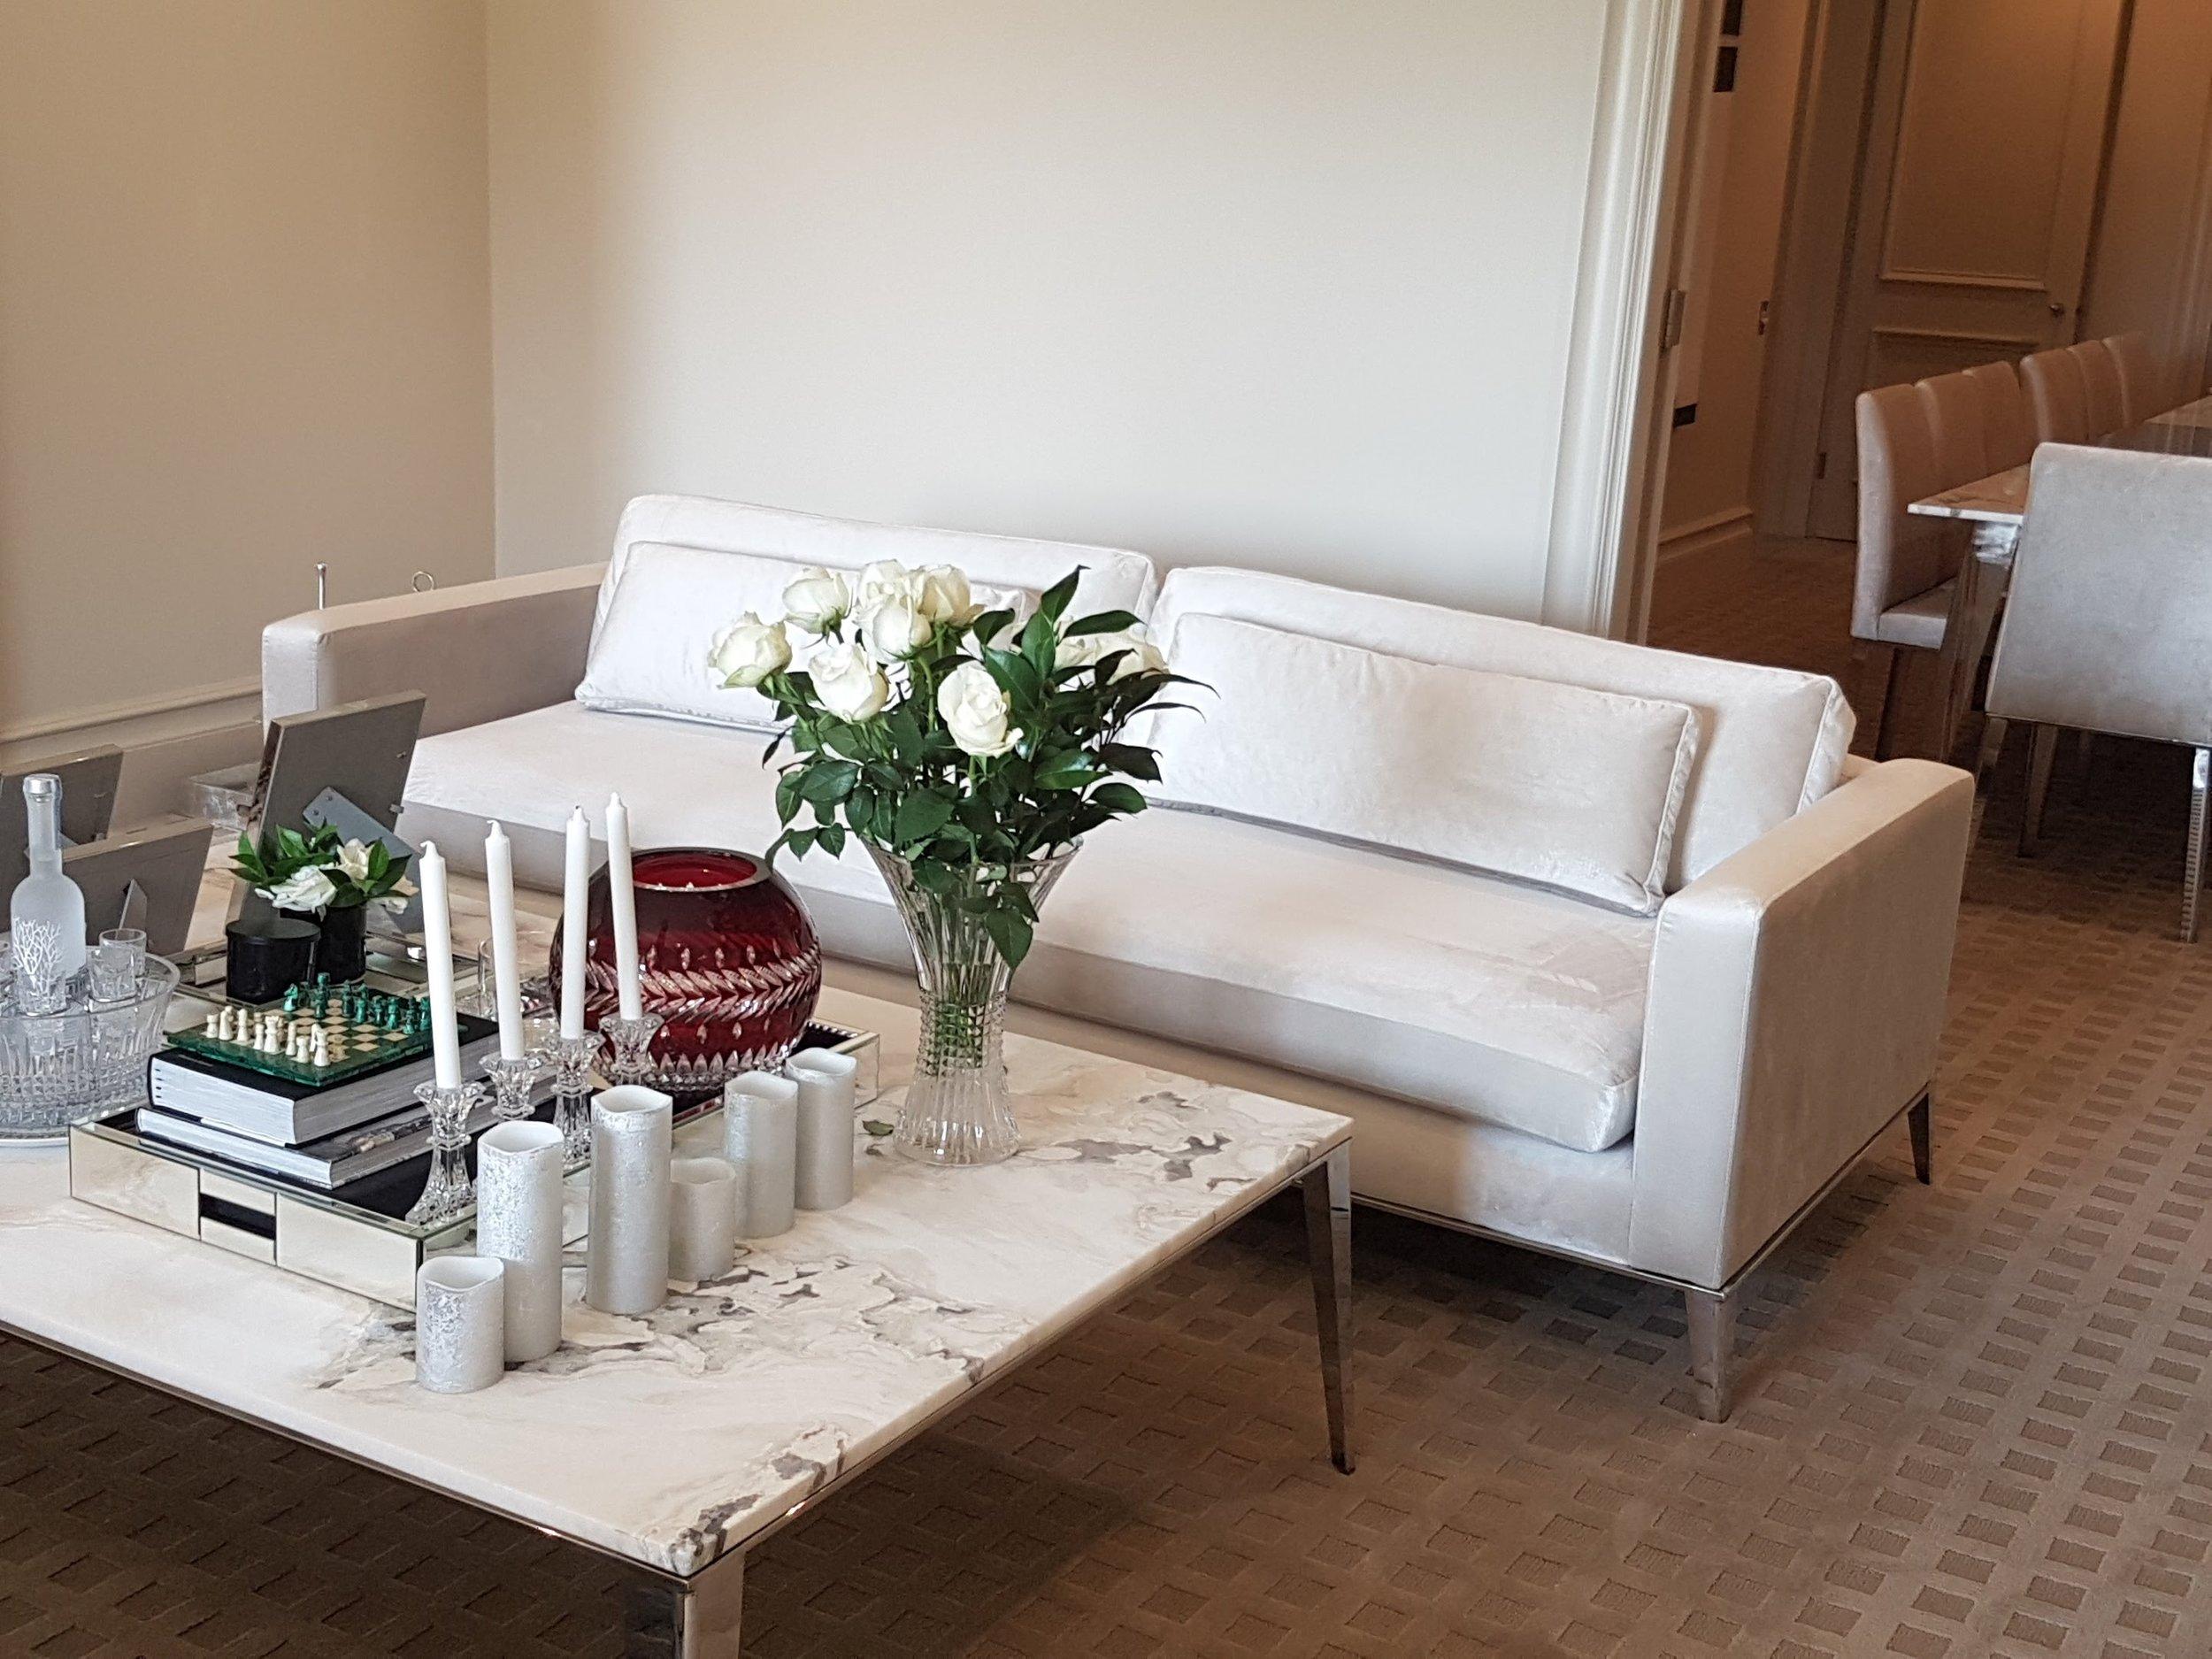 Bespoke formal room setting